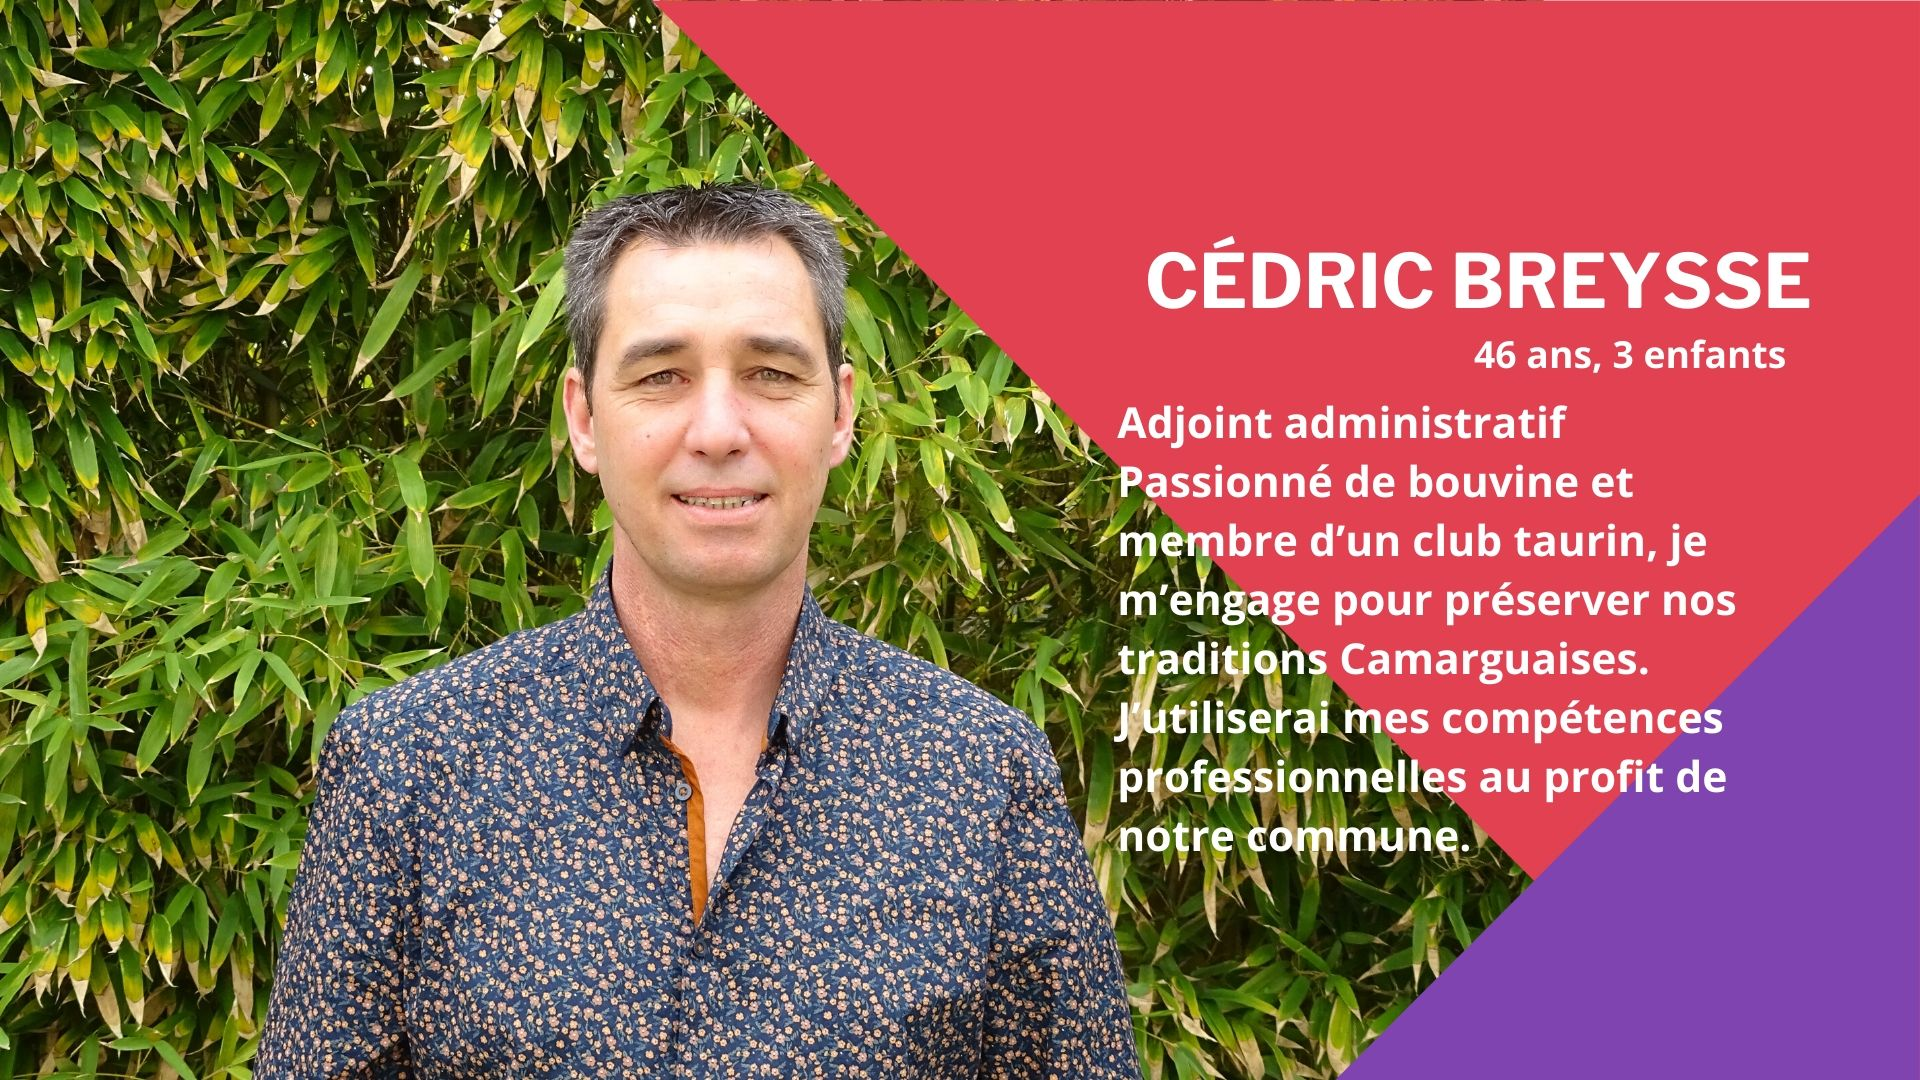 Le Revivre - Cédric Breysse